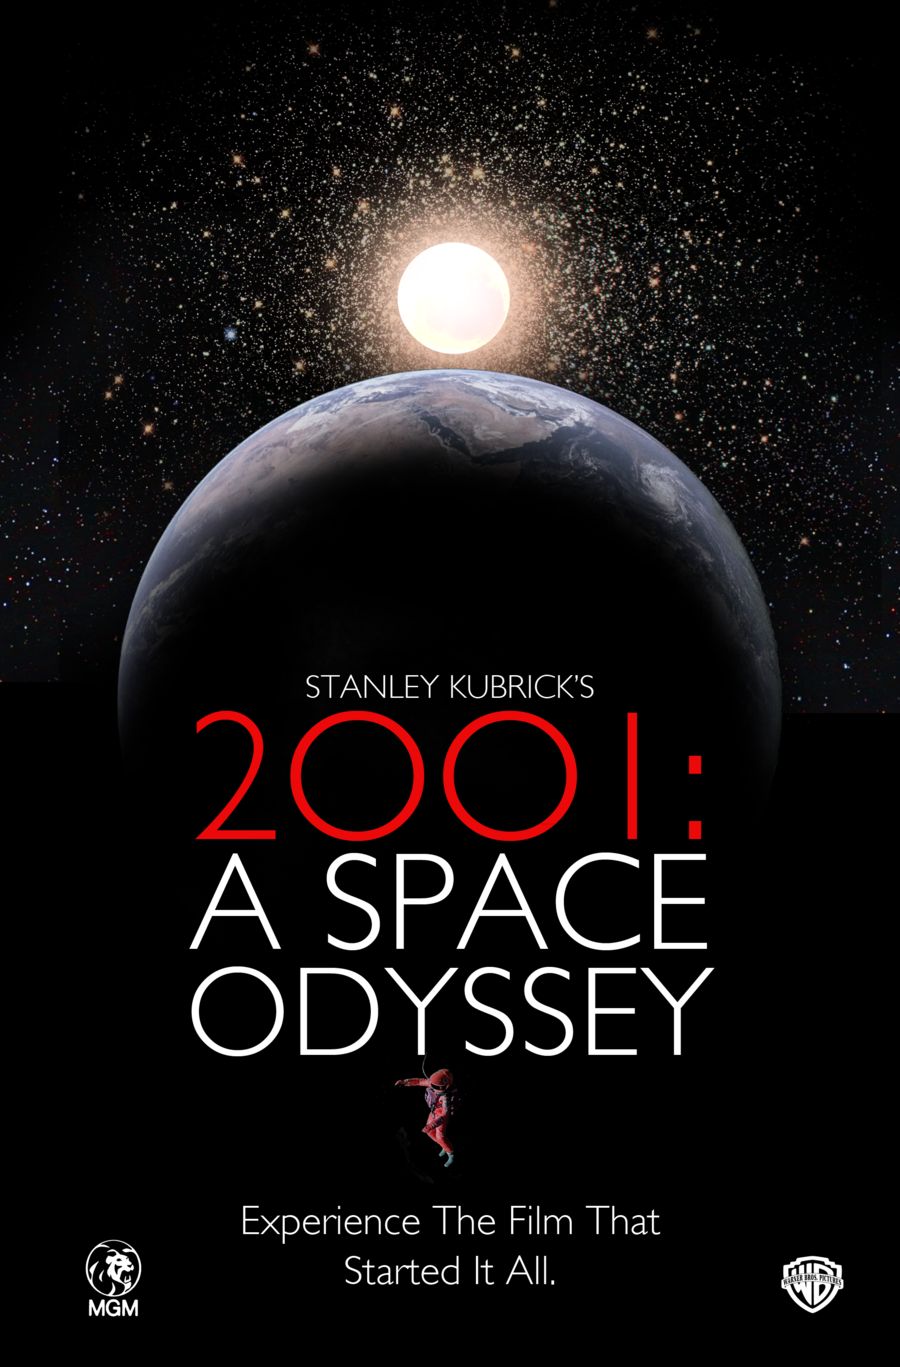 Αποτέλεσμα εικόνας για space odyssey poster